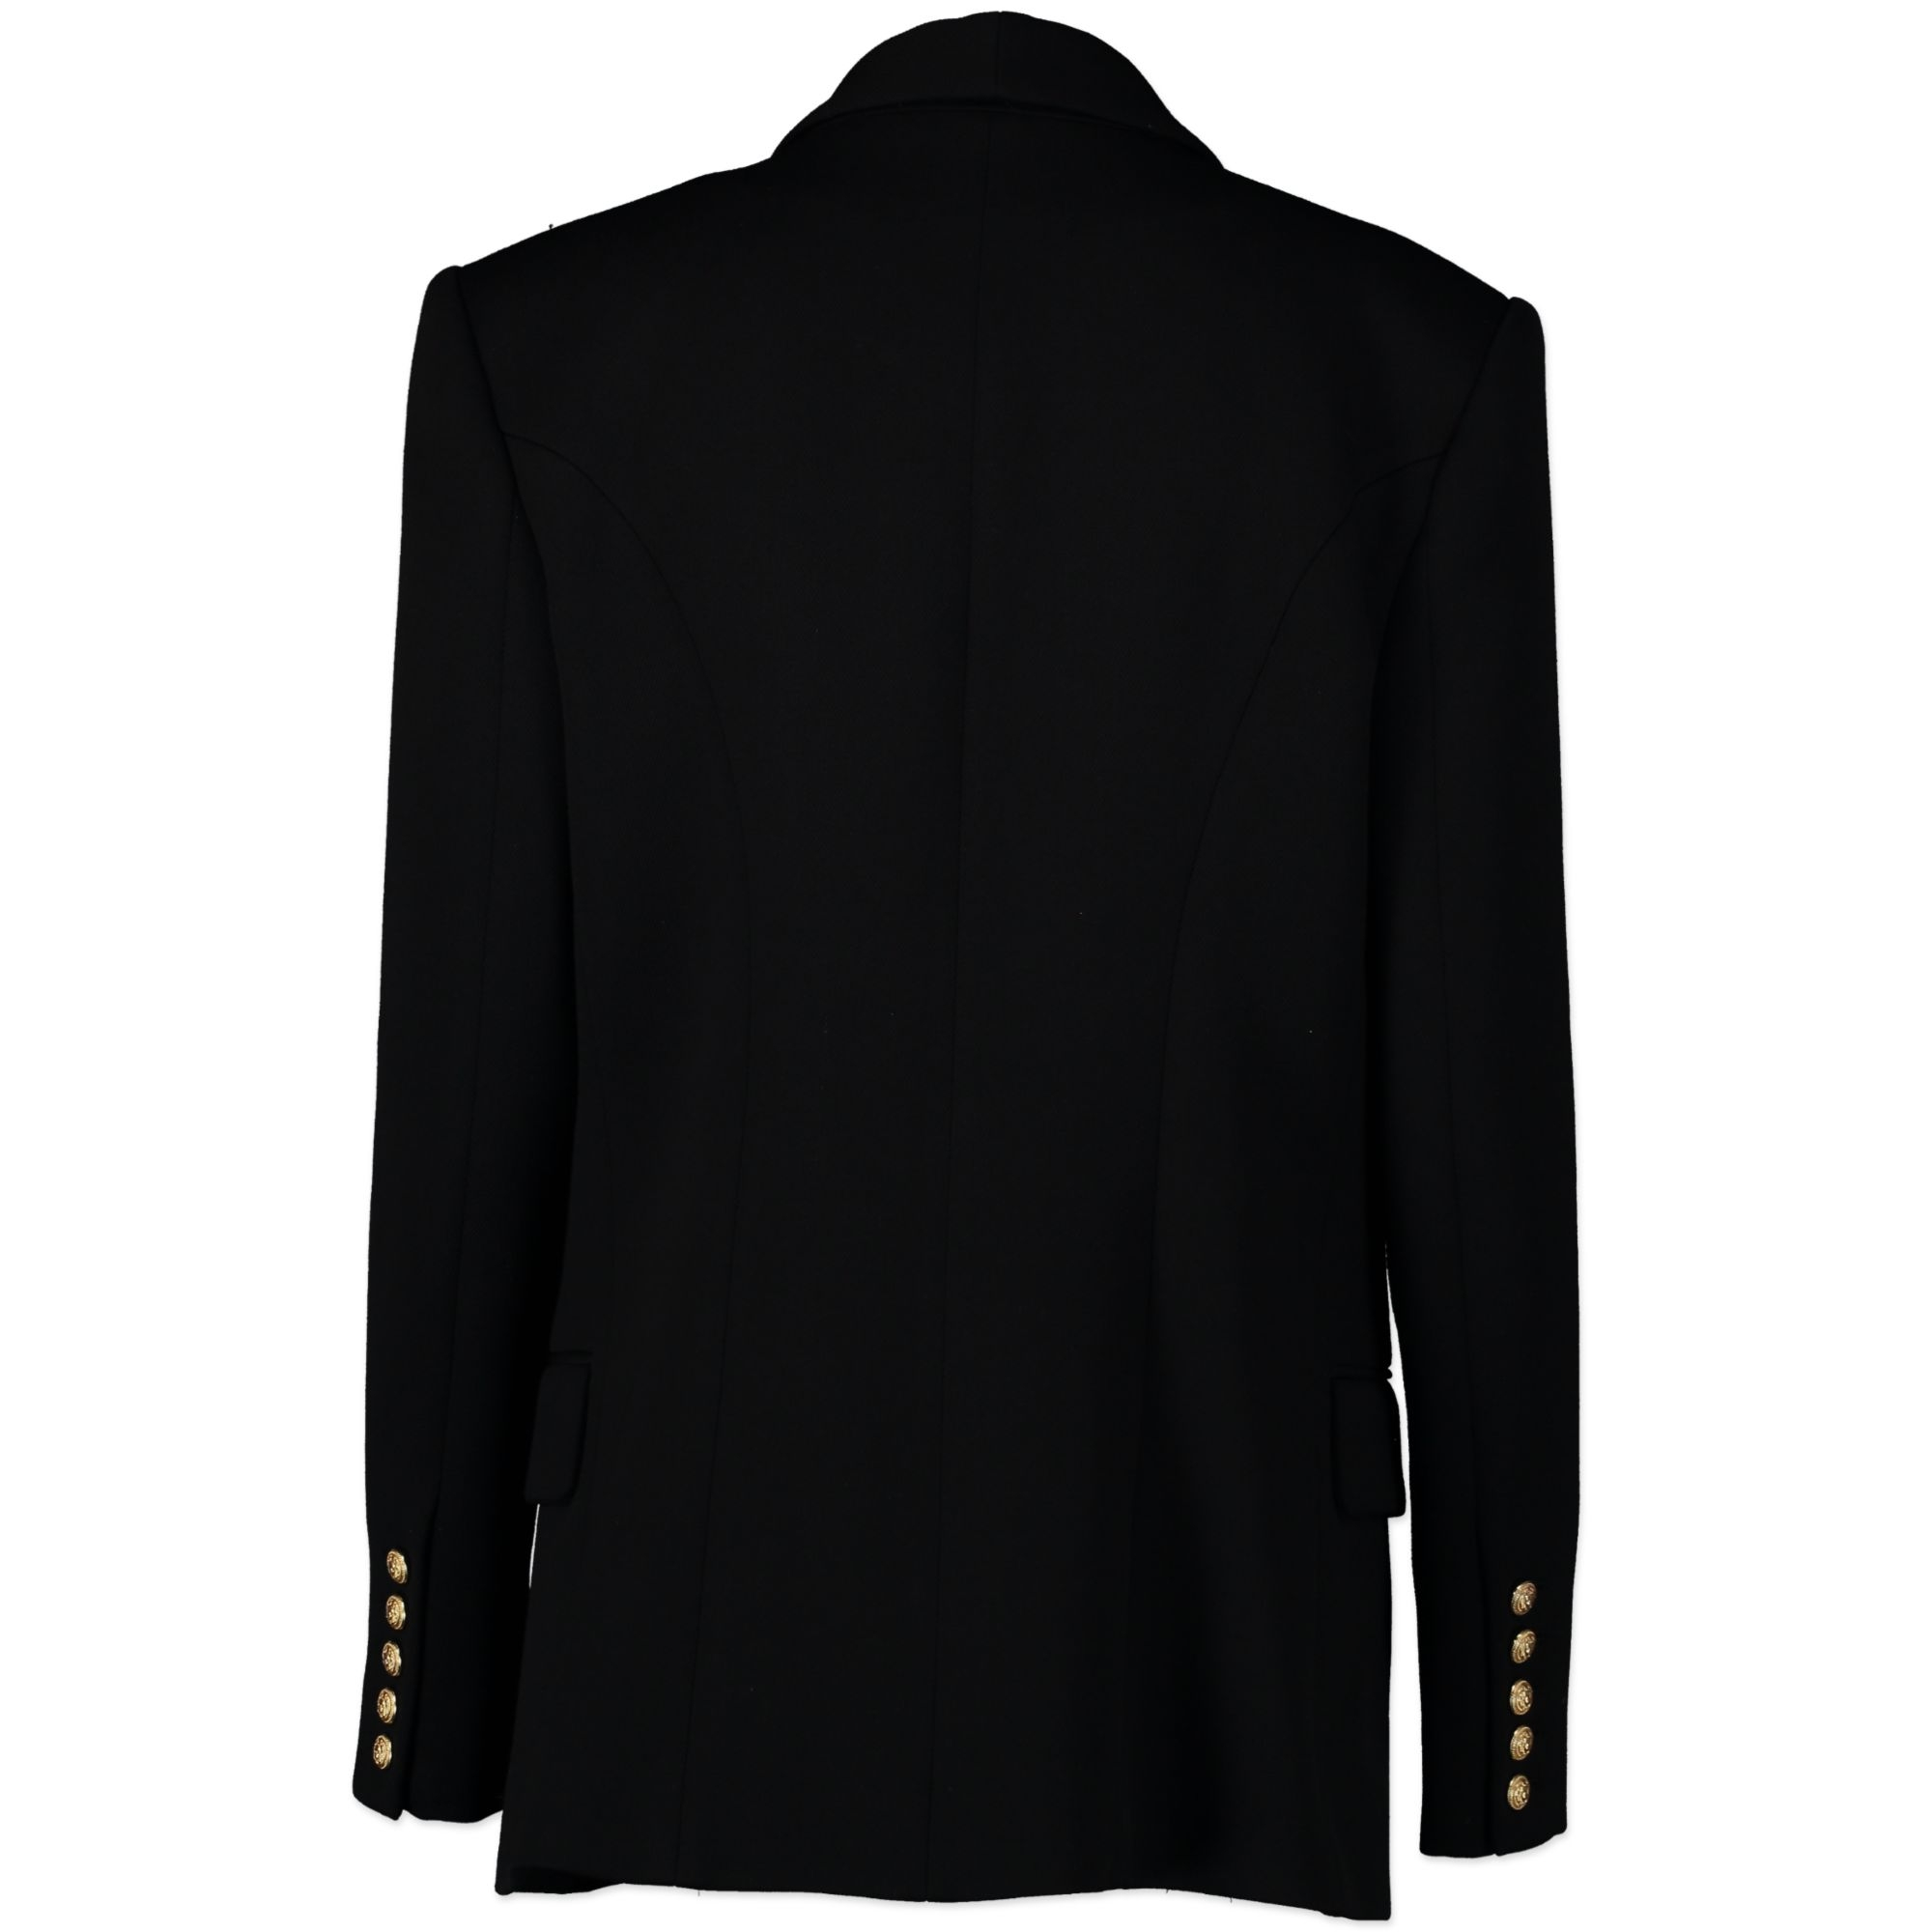 Balmain Black Double Breasted Blazer kopen en verkopen aan de beste prijs bij Labellov tweedehands luxe